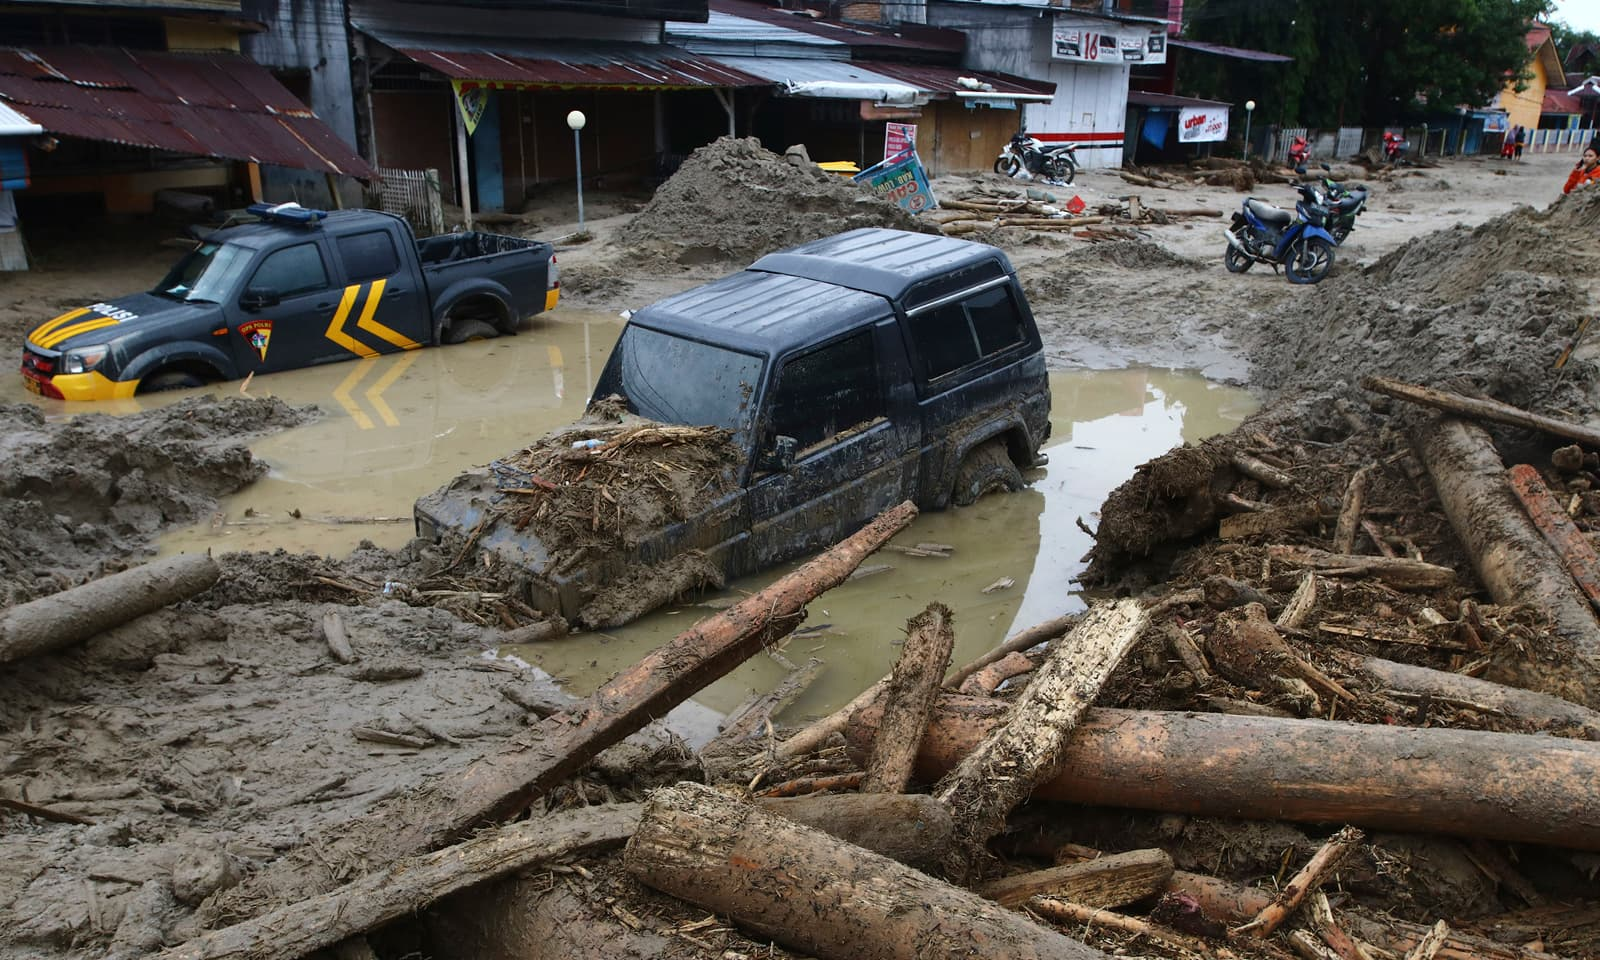 انڈونیشیا کے صوبے سلاسیوی کے علاقے مسامبا میں بارش اور سیلاب کے سبب گاڑیاں کیچڑ میں دھنسی ہوئی ہیں— فوٹو: اے پی